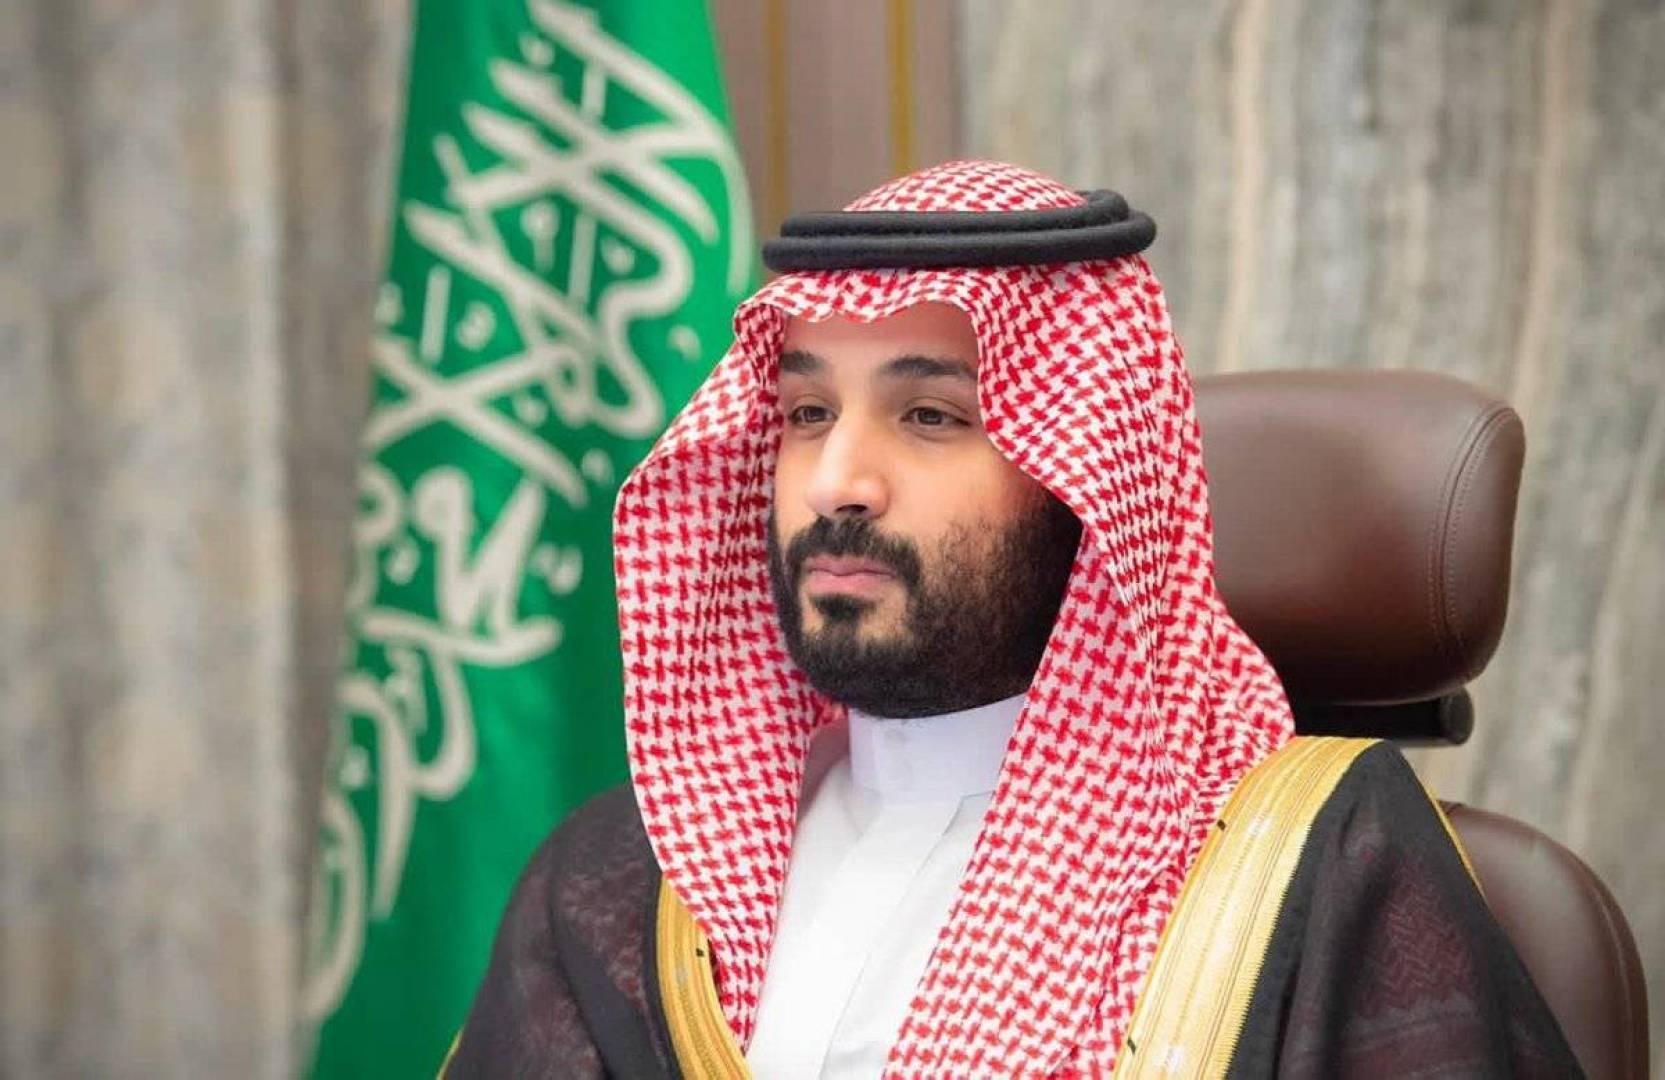 ولي العهد السعودي: نستهدف أن تكون الرياض من أكبر 10 اقتصاديات مدن في العالم